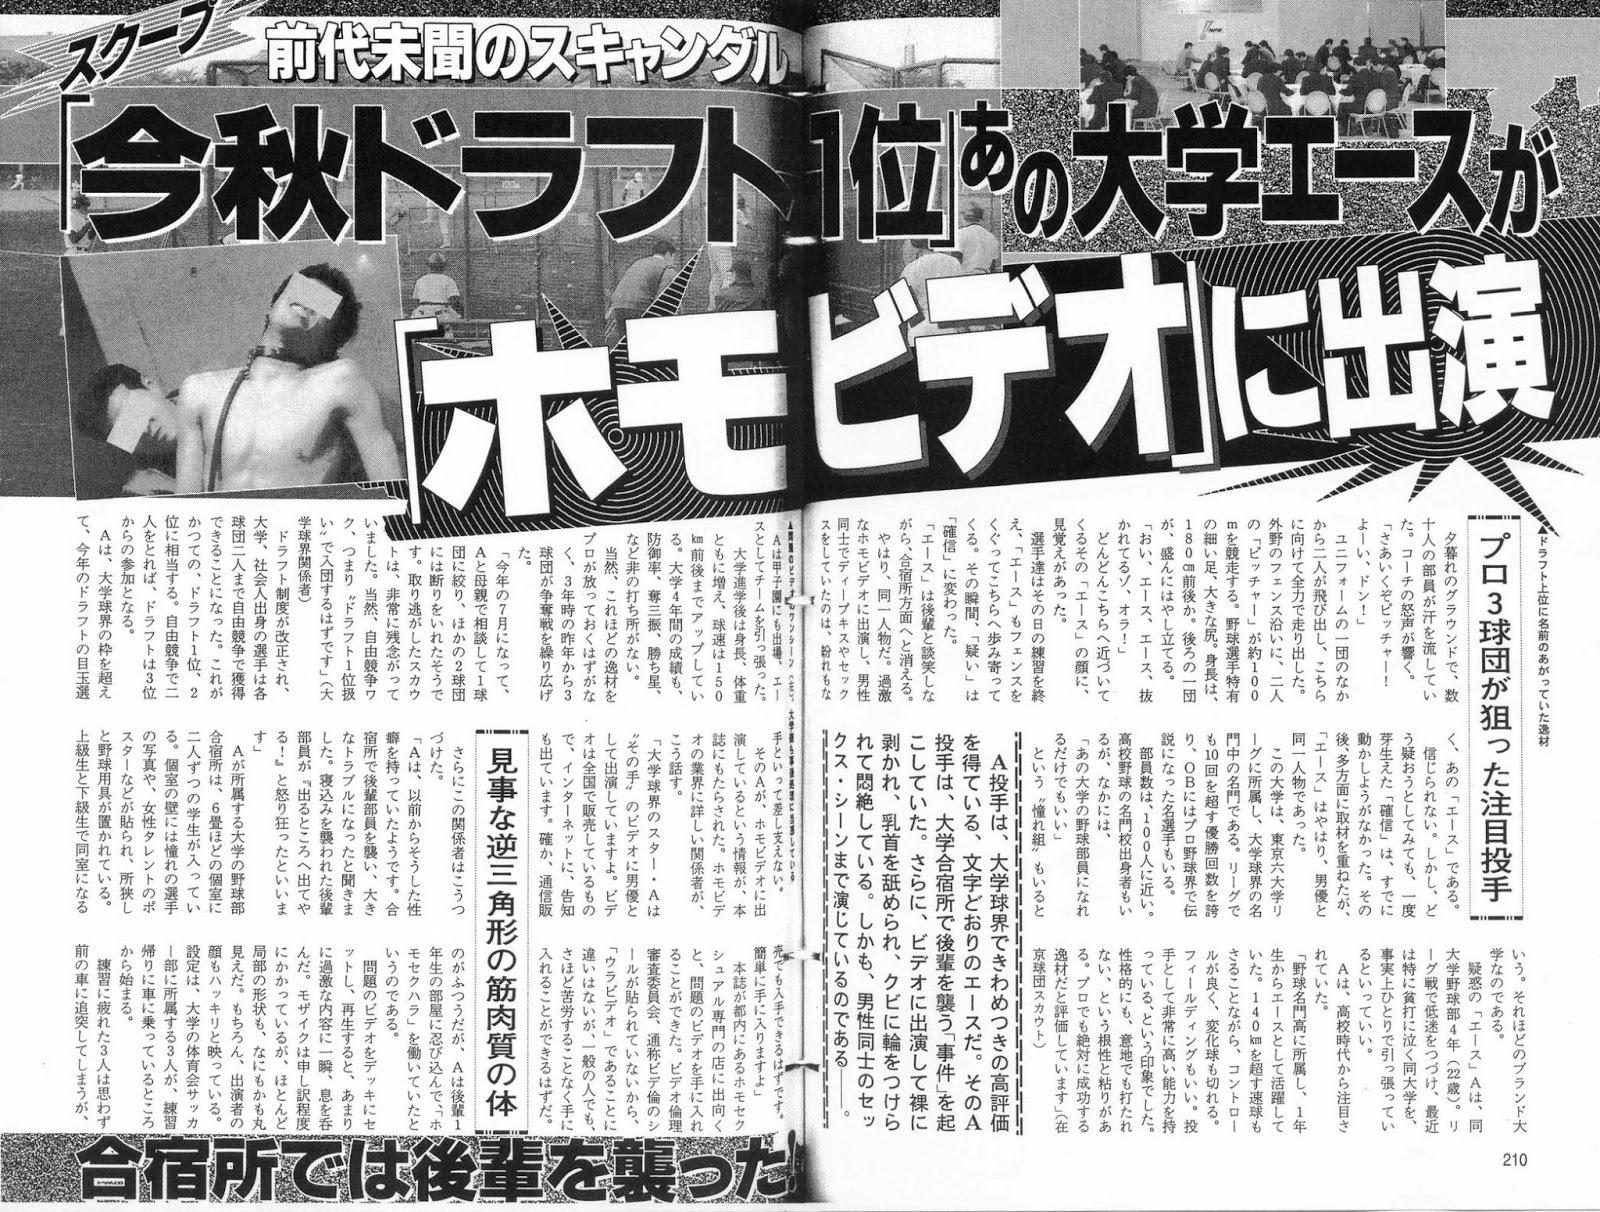 ⑧【アジア大会】買春バスケの橋下拓哉が変態ホモゲイビデオに出演していた!TDN!